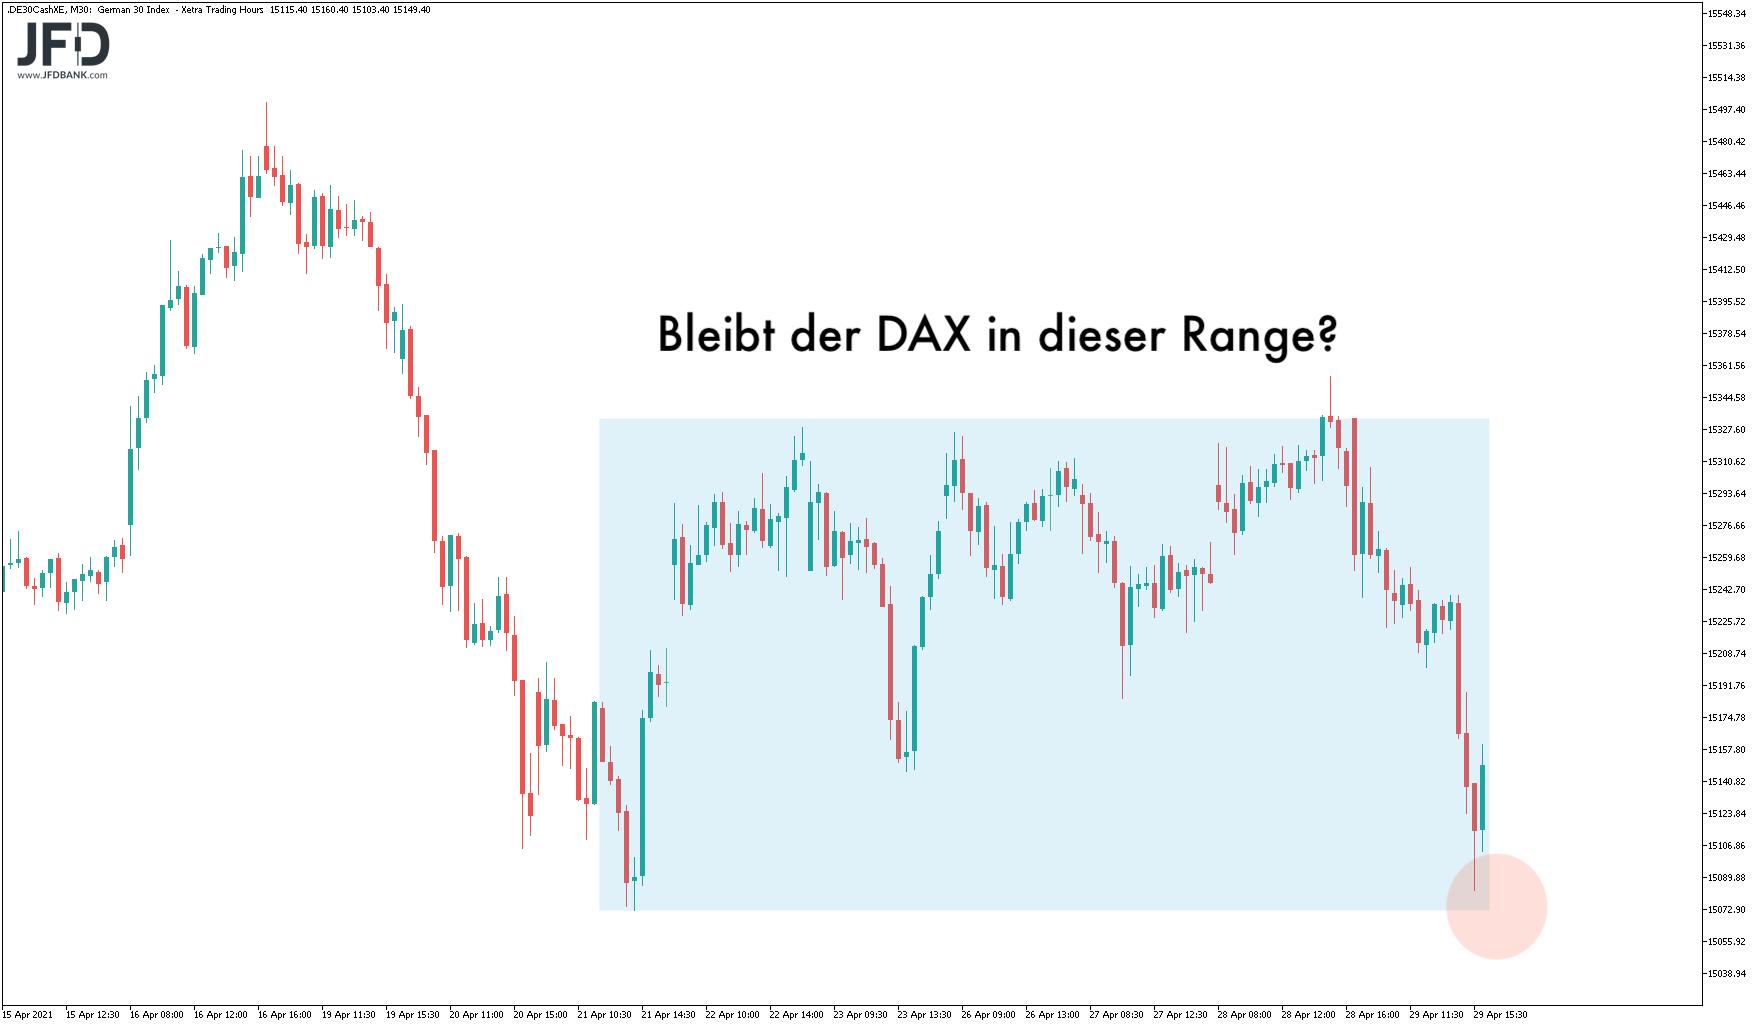 Übergeordnete DAX-Range im Blick